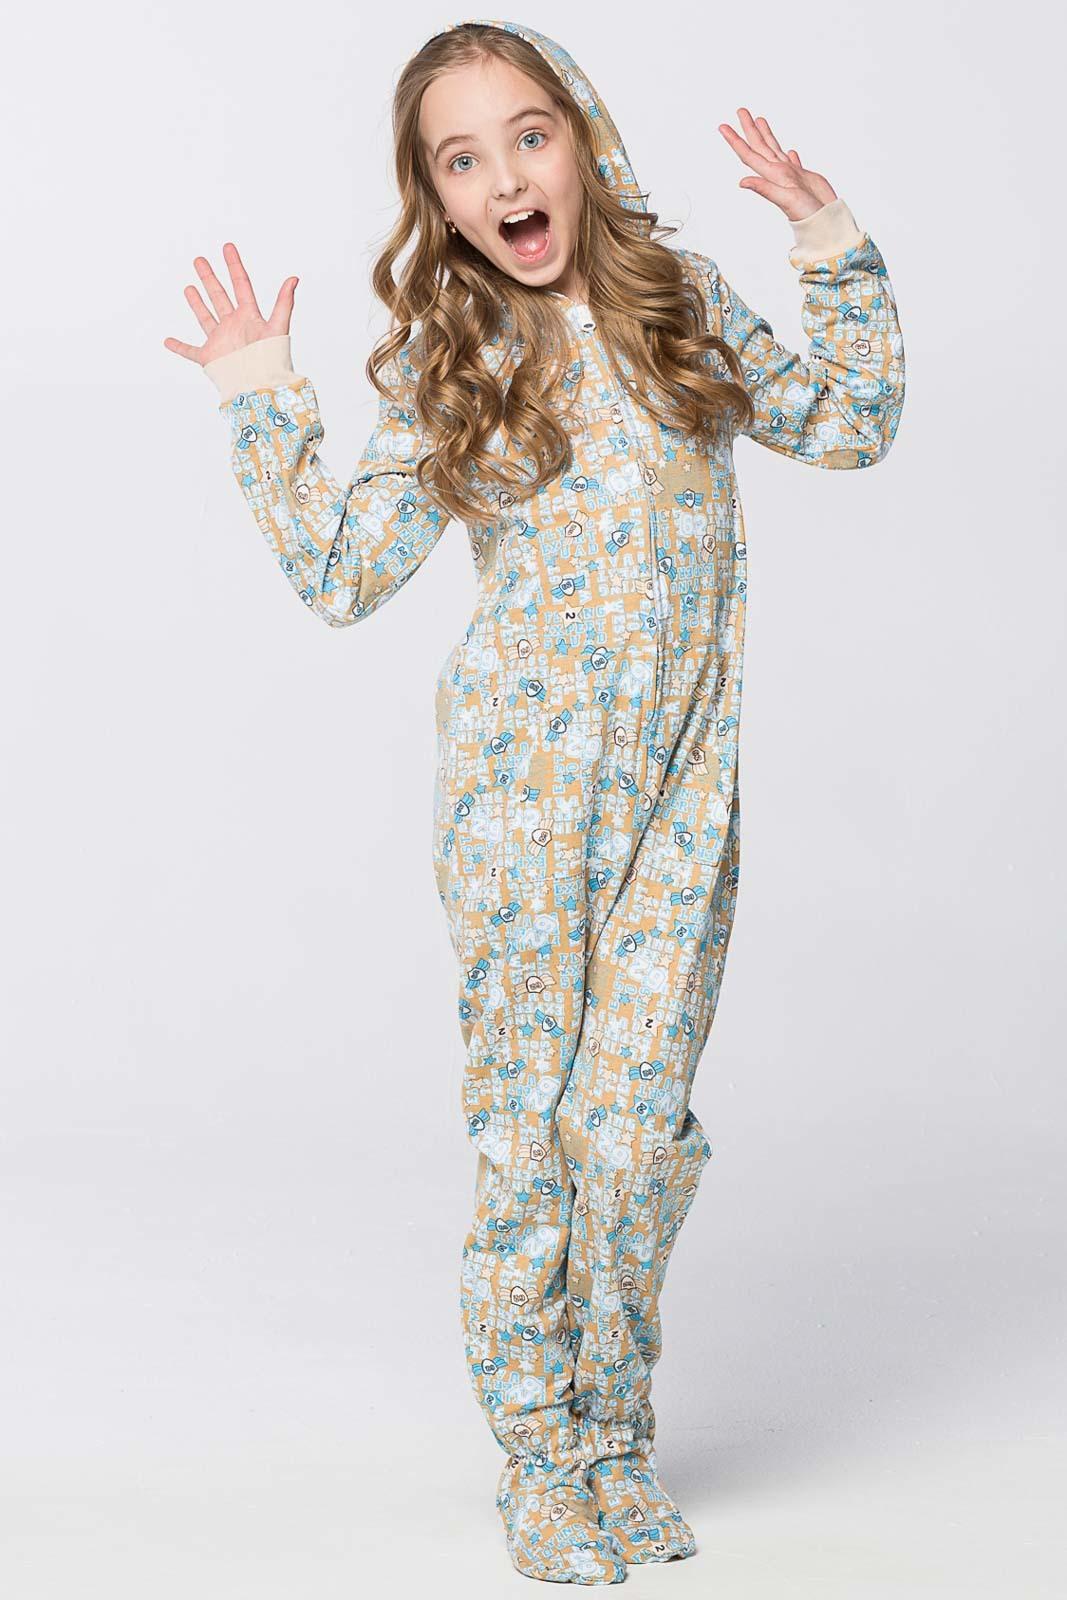 Наиболее оптимальным вариантом для пошива зимней пижамы для ребенка  является велюр. Ткань отличается натуральностью и мягкостью d2a5ecef57ec2